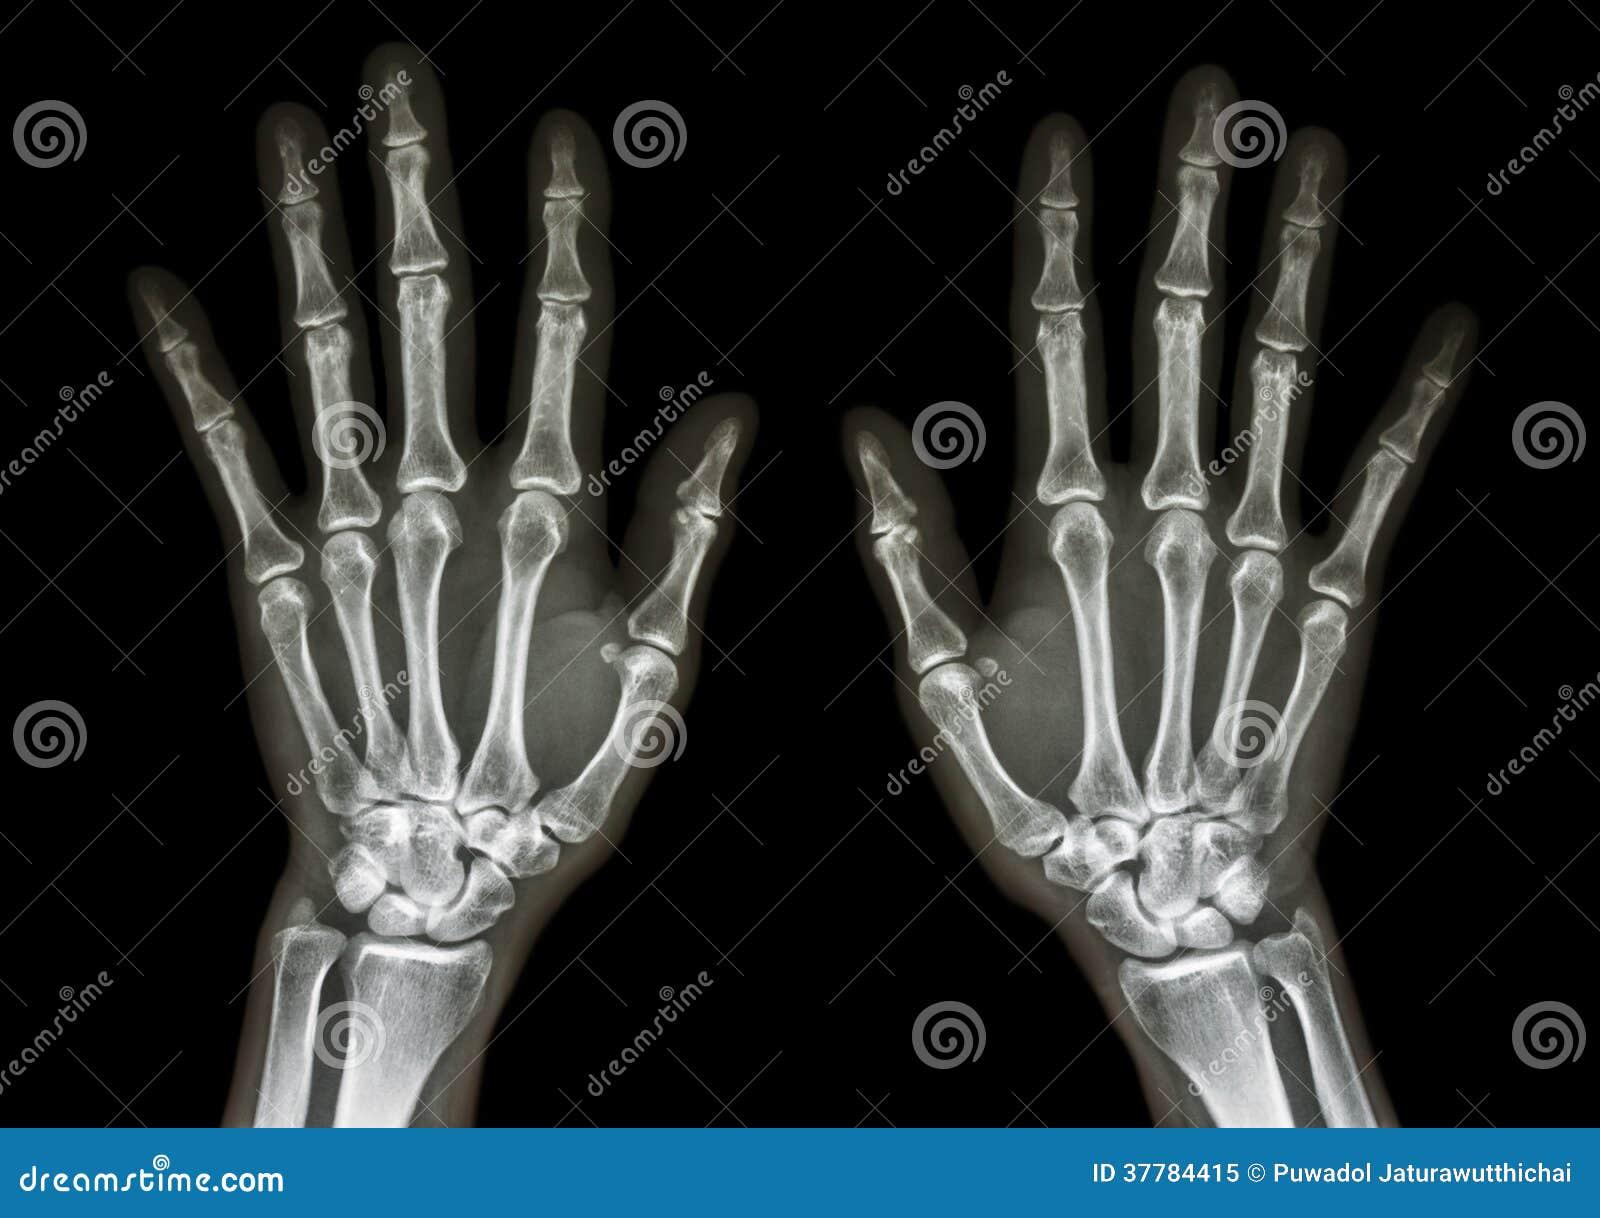 normal human 39 s hands stock image image of black asian 37784415. Black Bedroom Furniture Sets. Home Design Ideas